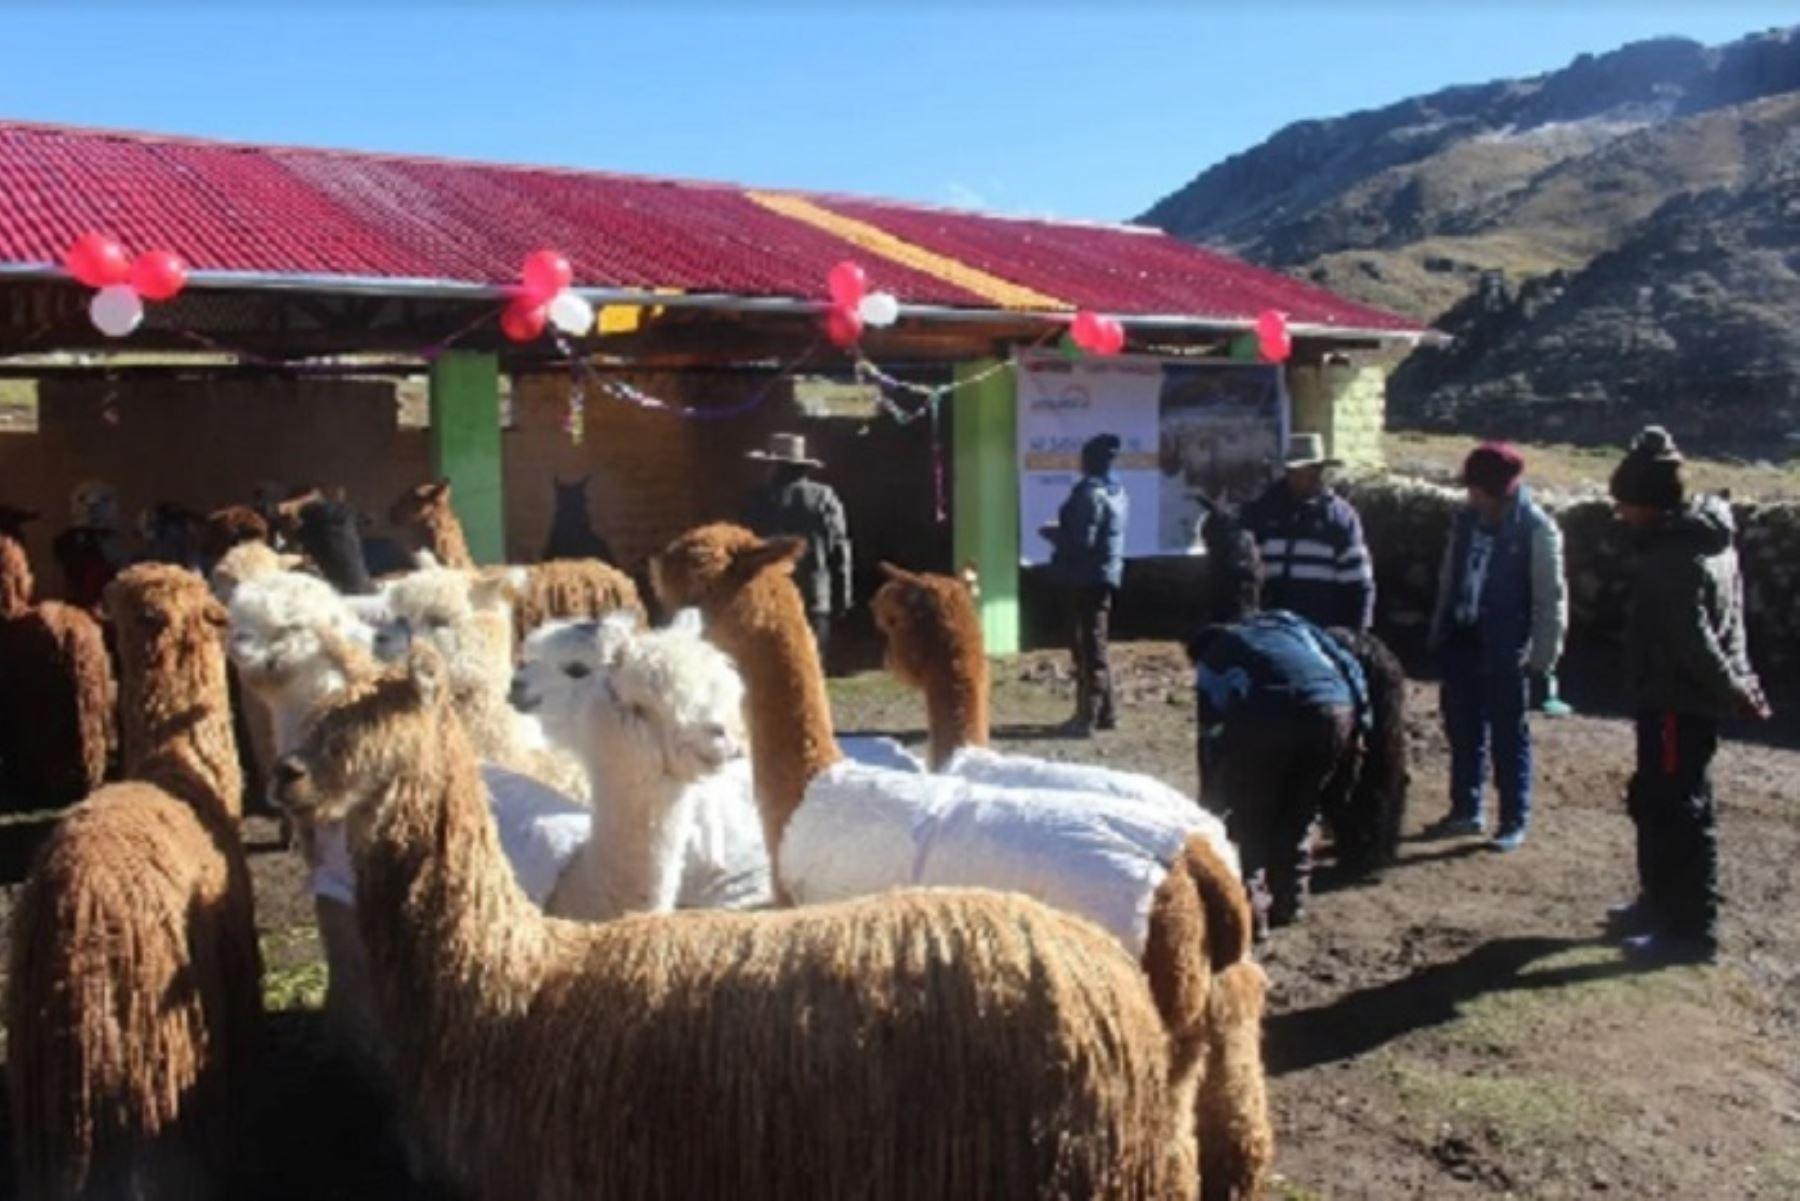 Agro Rural implementará este año 2,985 cobertizos en 12 departamentos del país